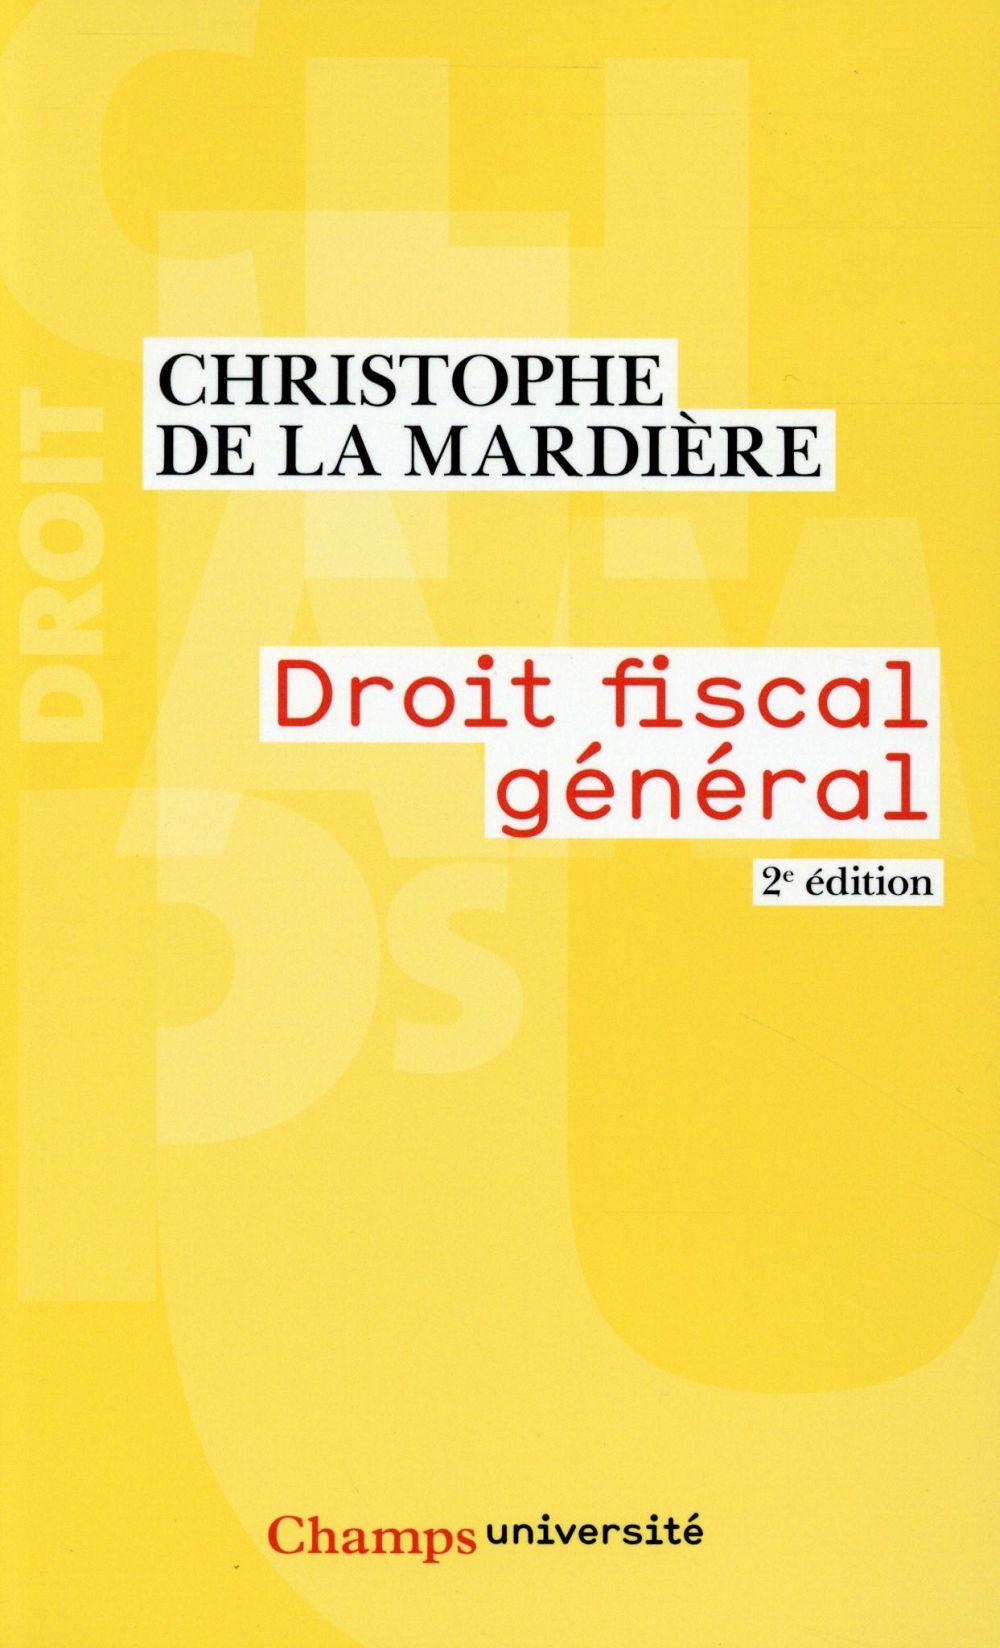 droit fiscal général (2e édition)